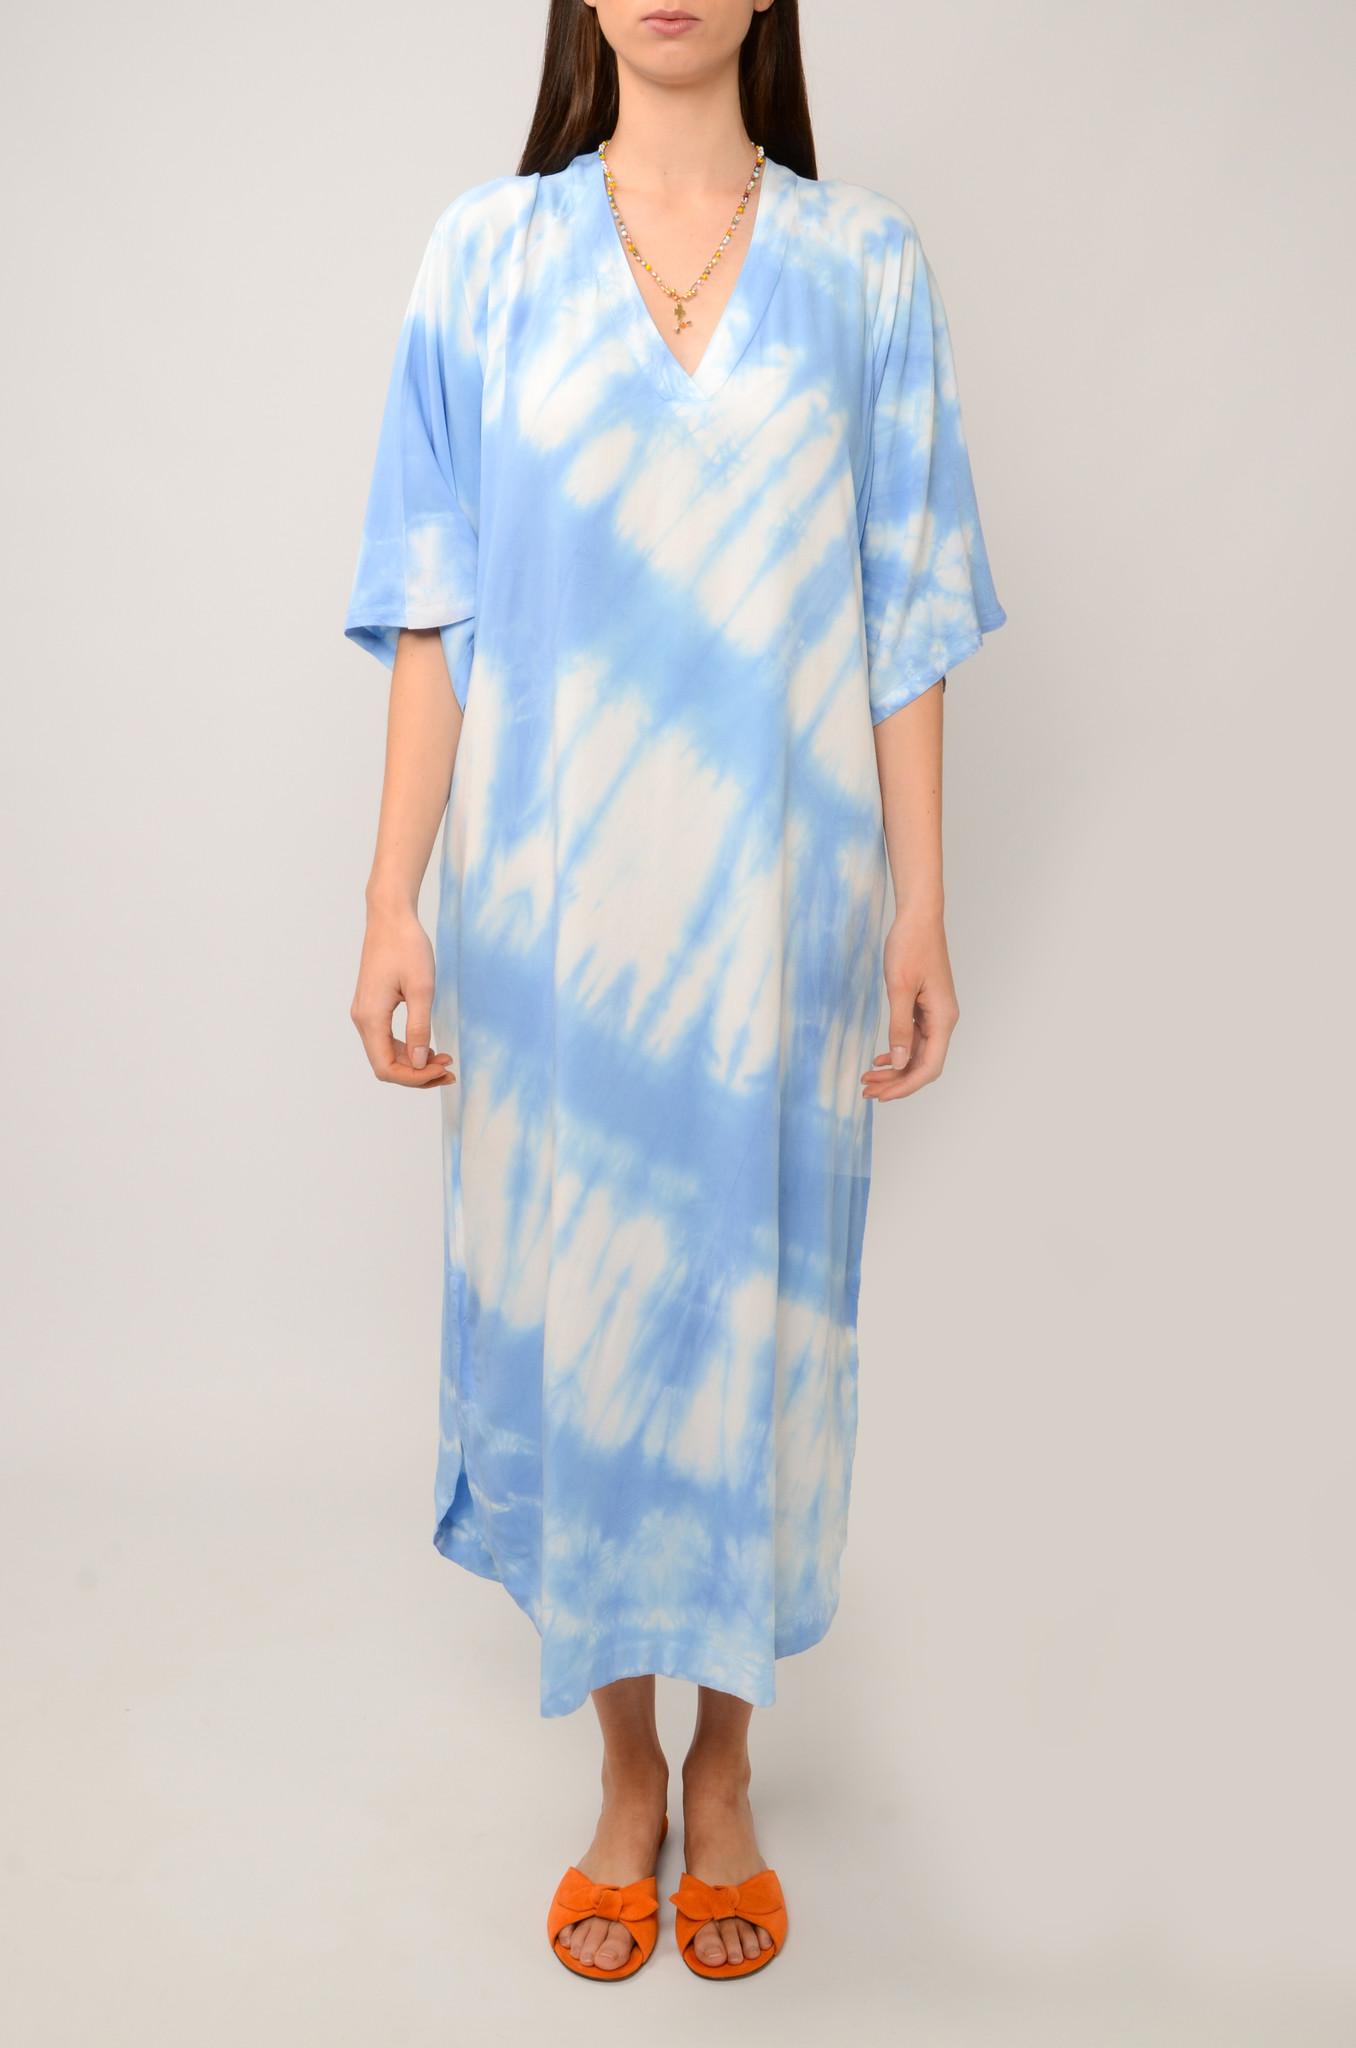 OCEAN BREEZE DRESS IN SKY BLUE-1